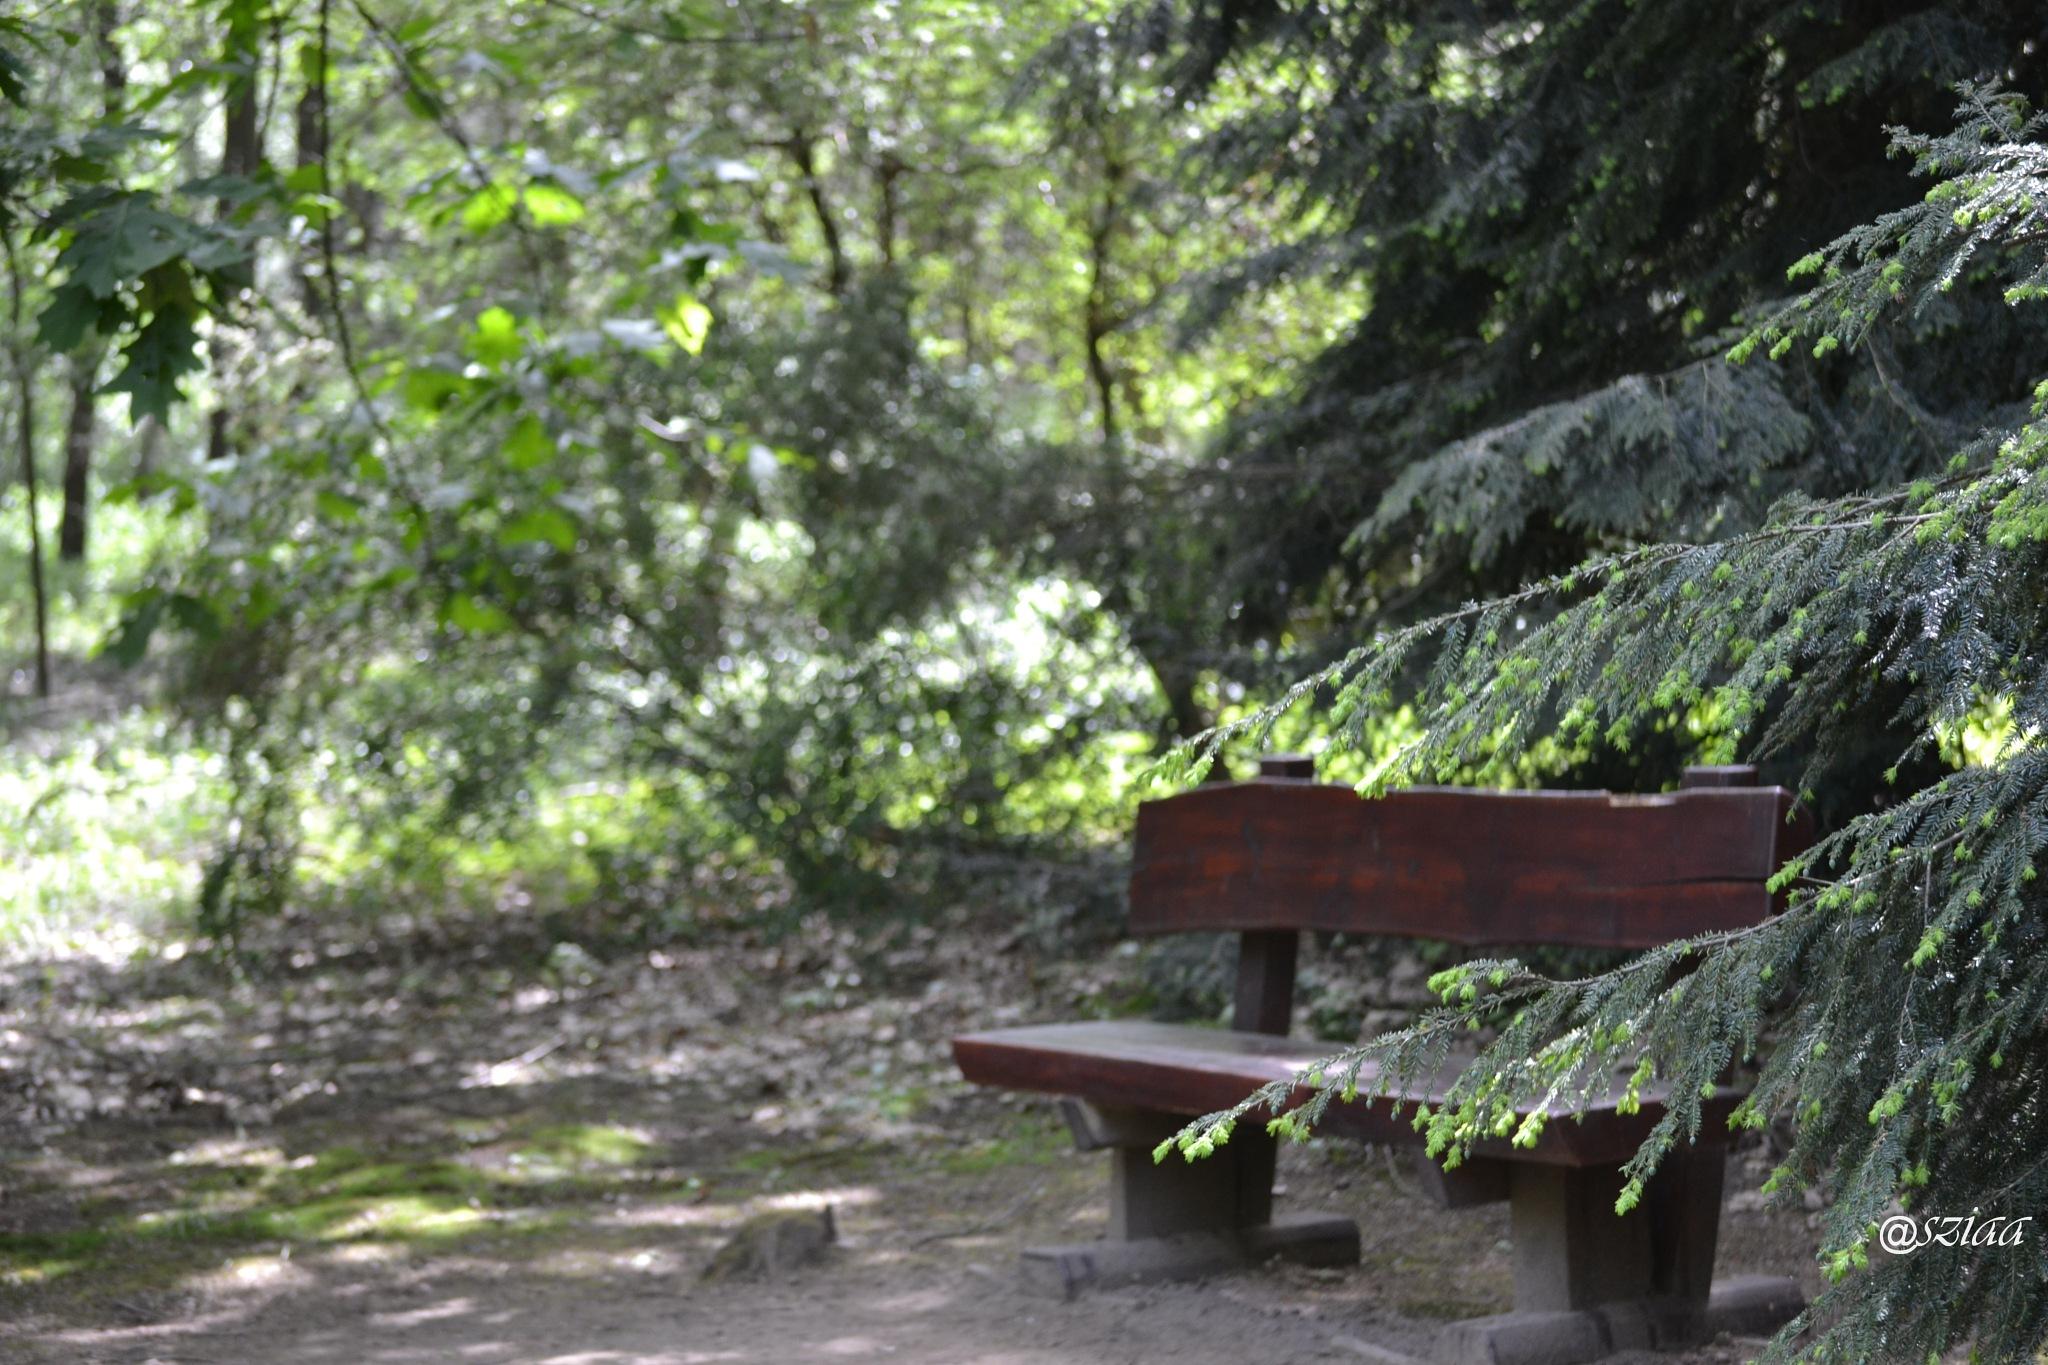 Kám, Jeli Arborétum by sziaa